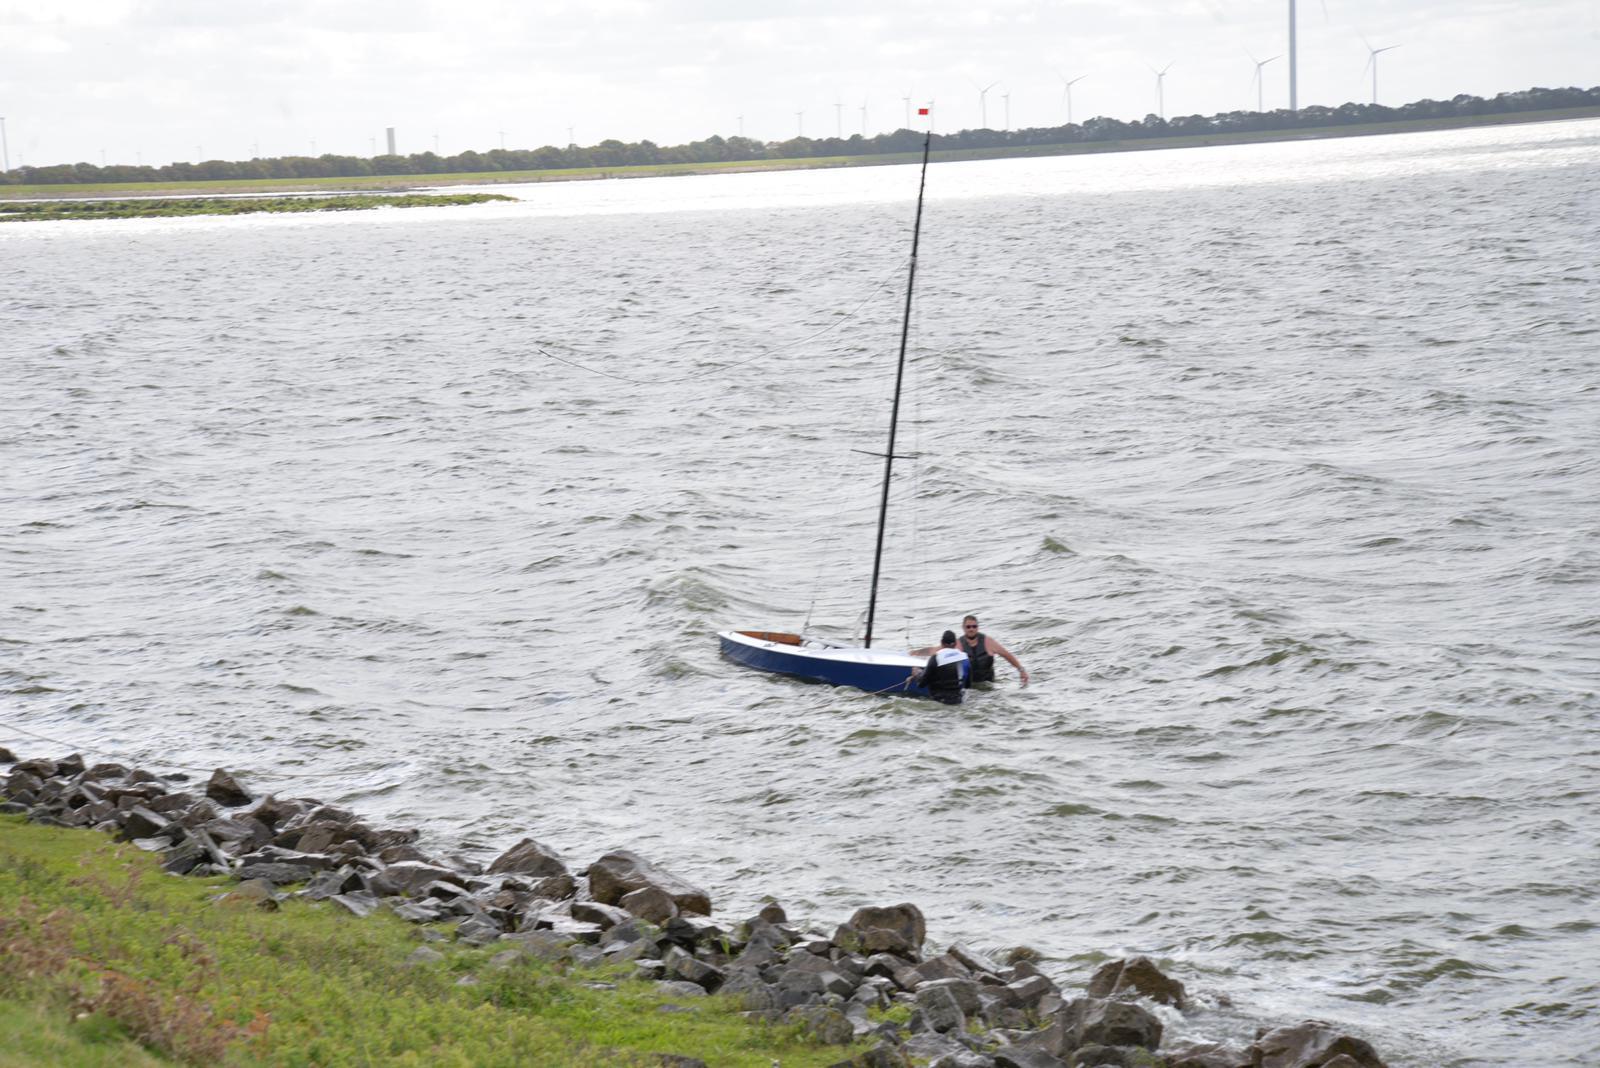 Brandweer rukt uit voor flink onderkoelde personen na stranden zeilboot in De Haukes